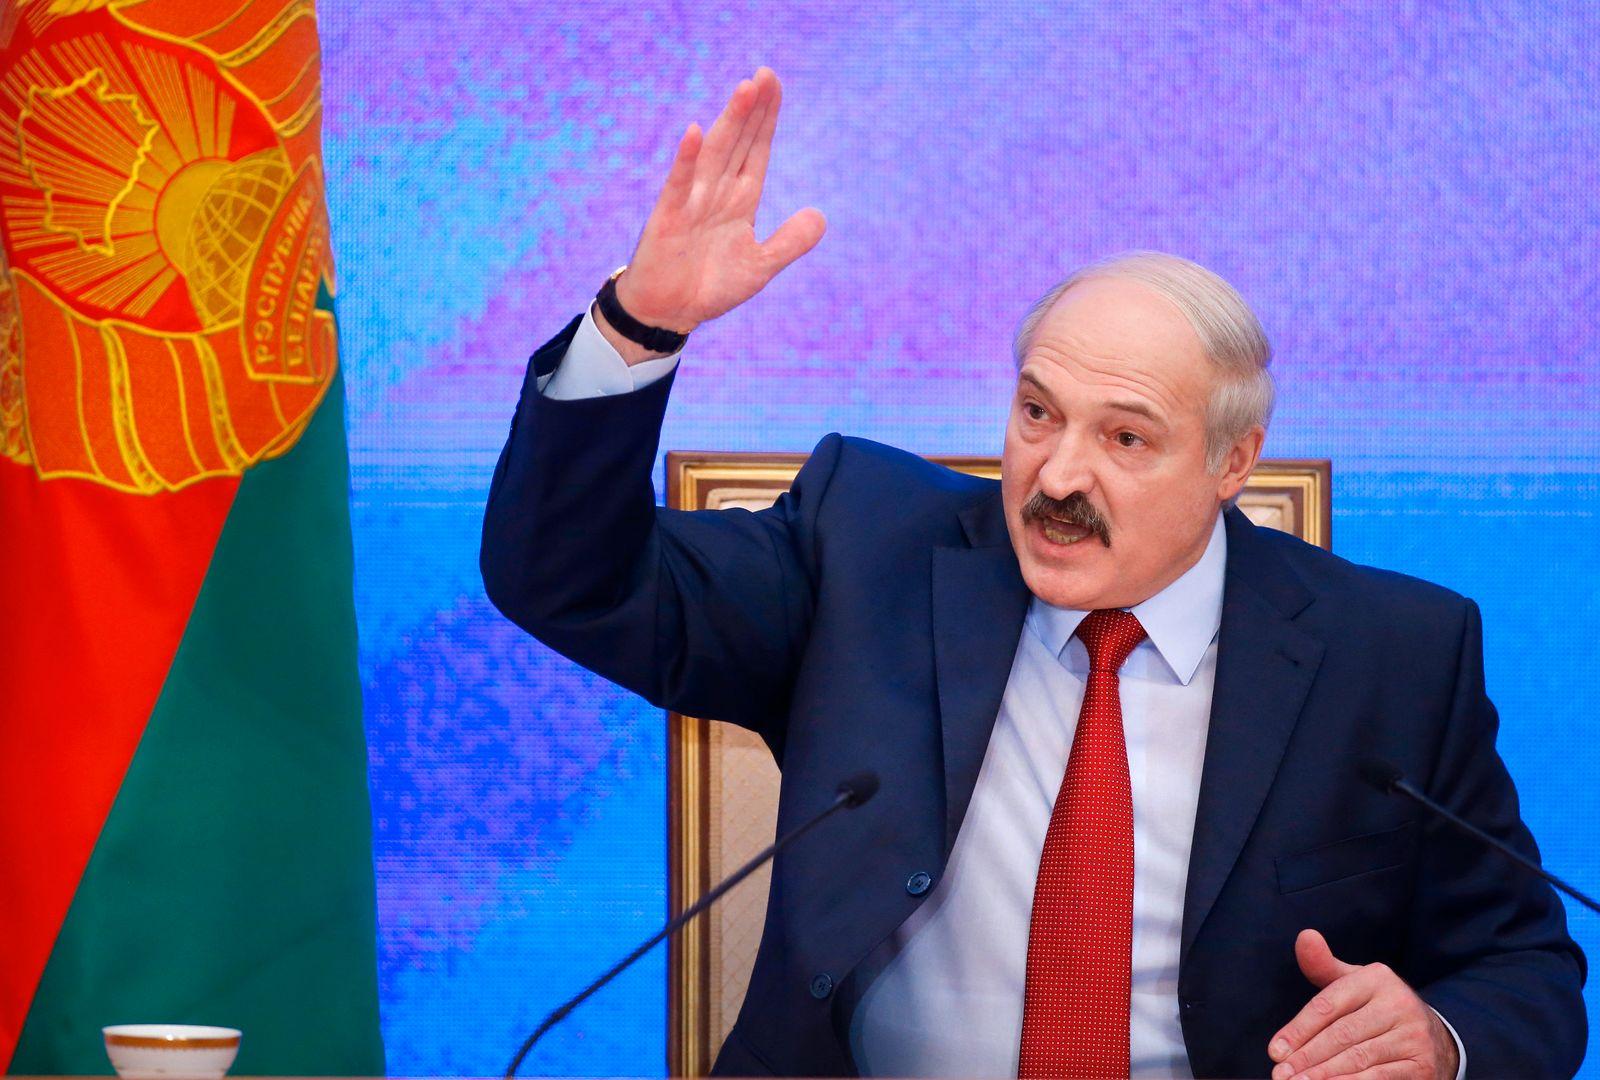 Lukaschenko lässt Flugzeug landen und Journalisten verhaften